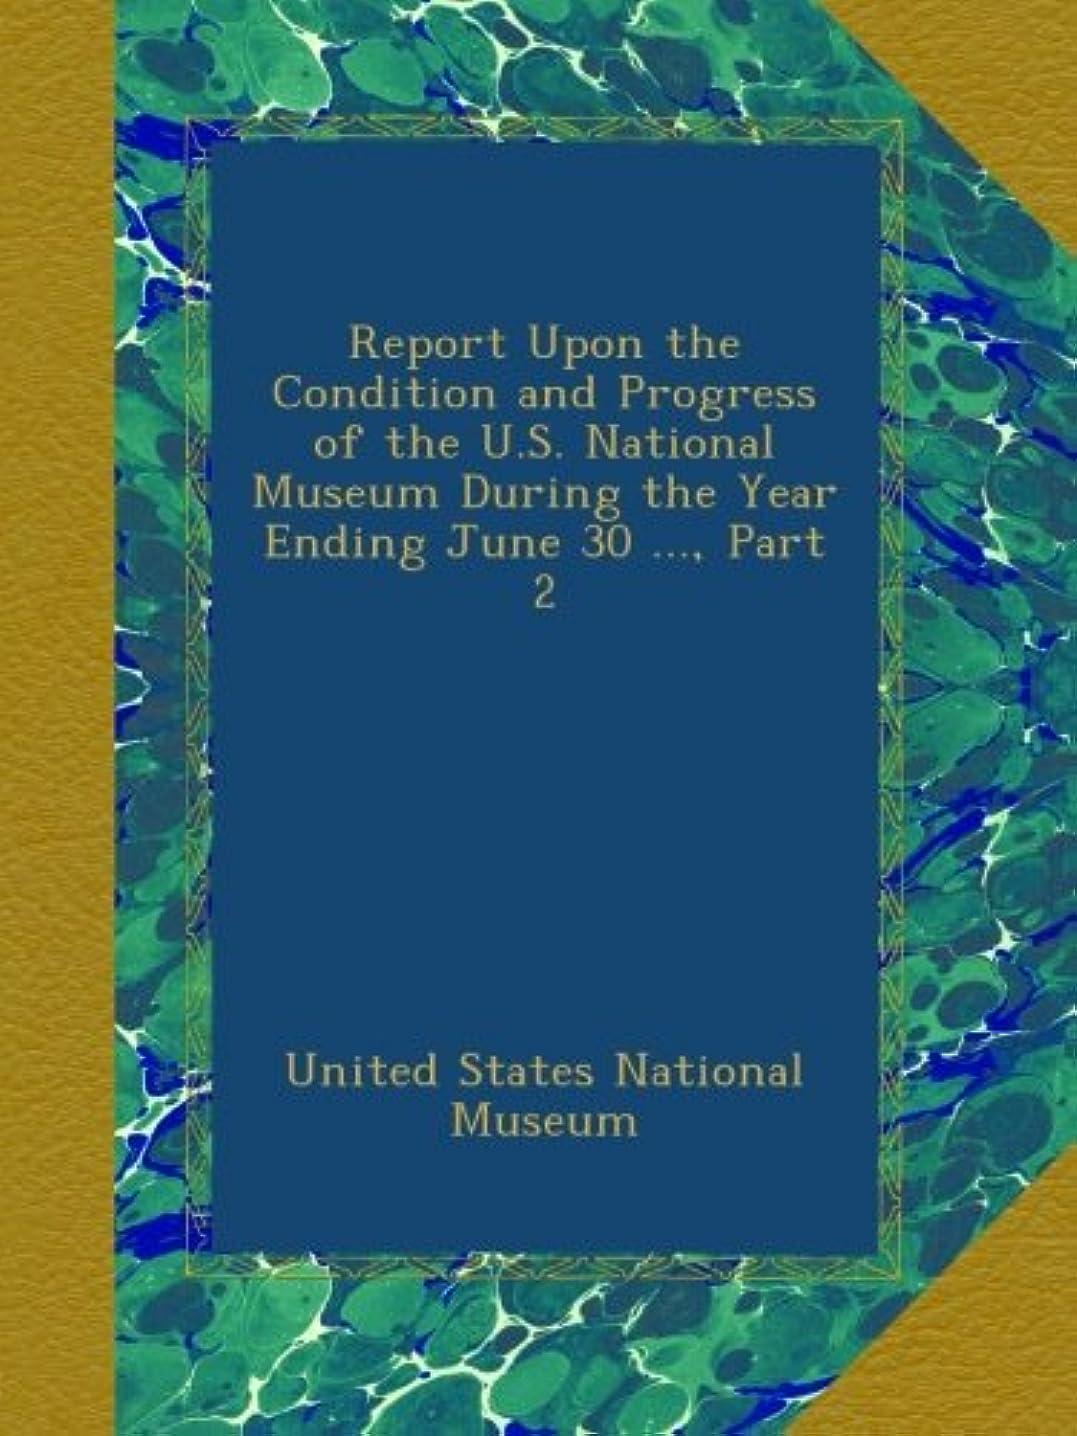 ほかに食料品店国際Report Upon the Condition and Progress of the U.S. National Museum During the Year Ending June 30 ..., Part 2